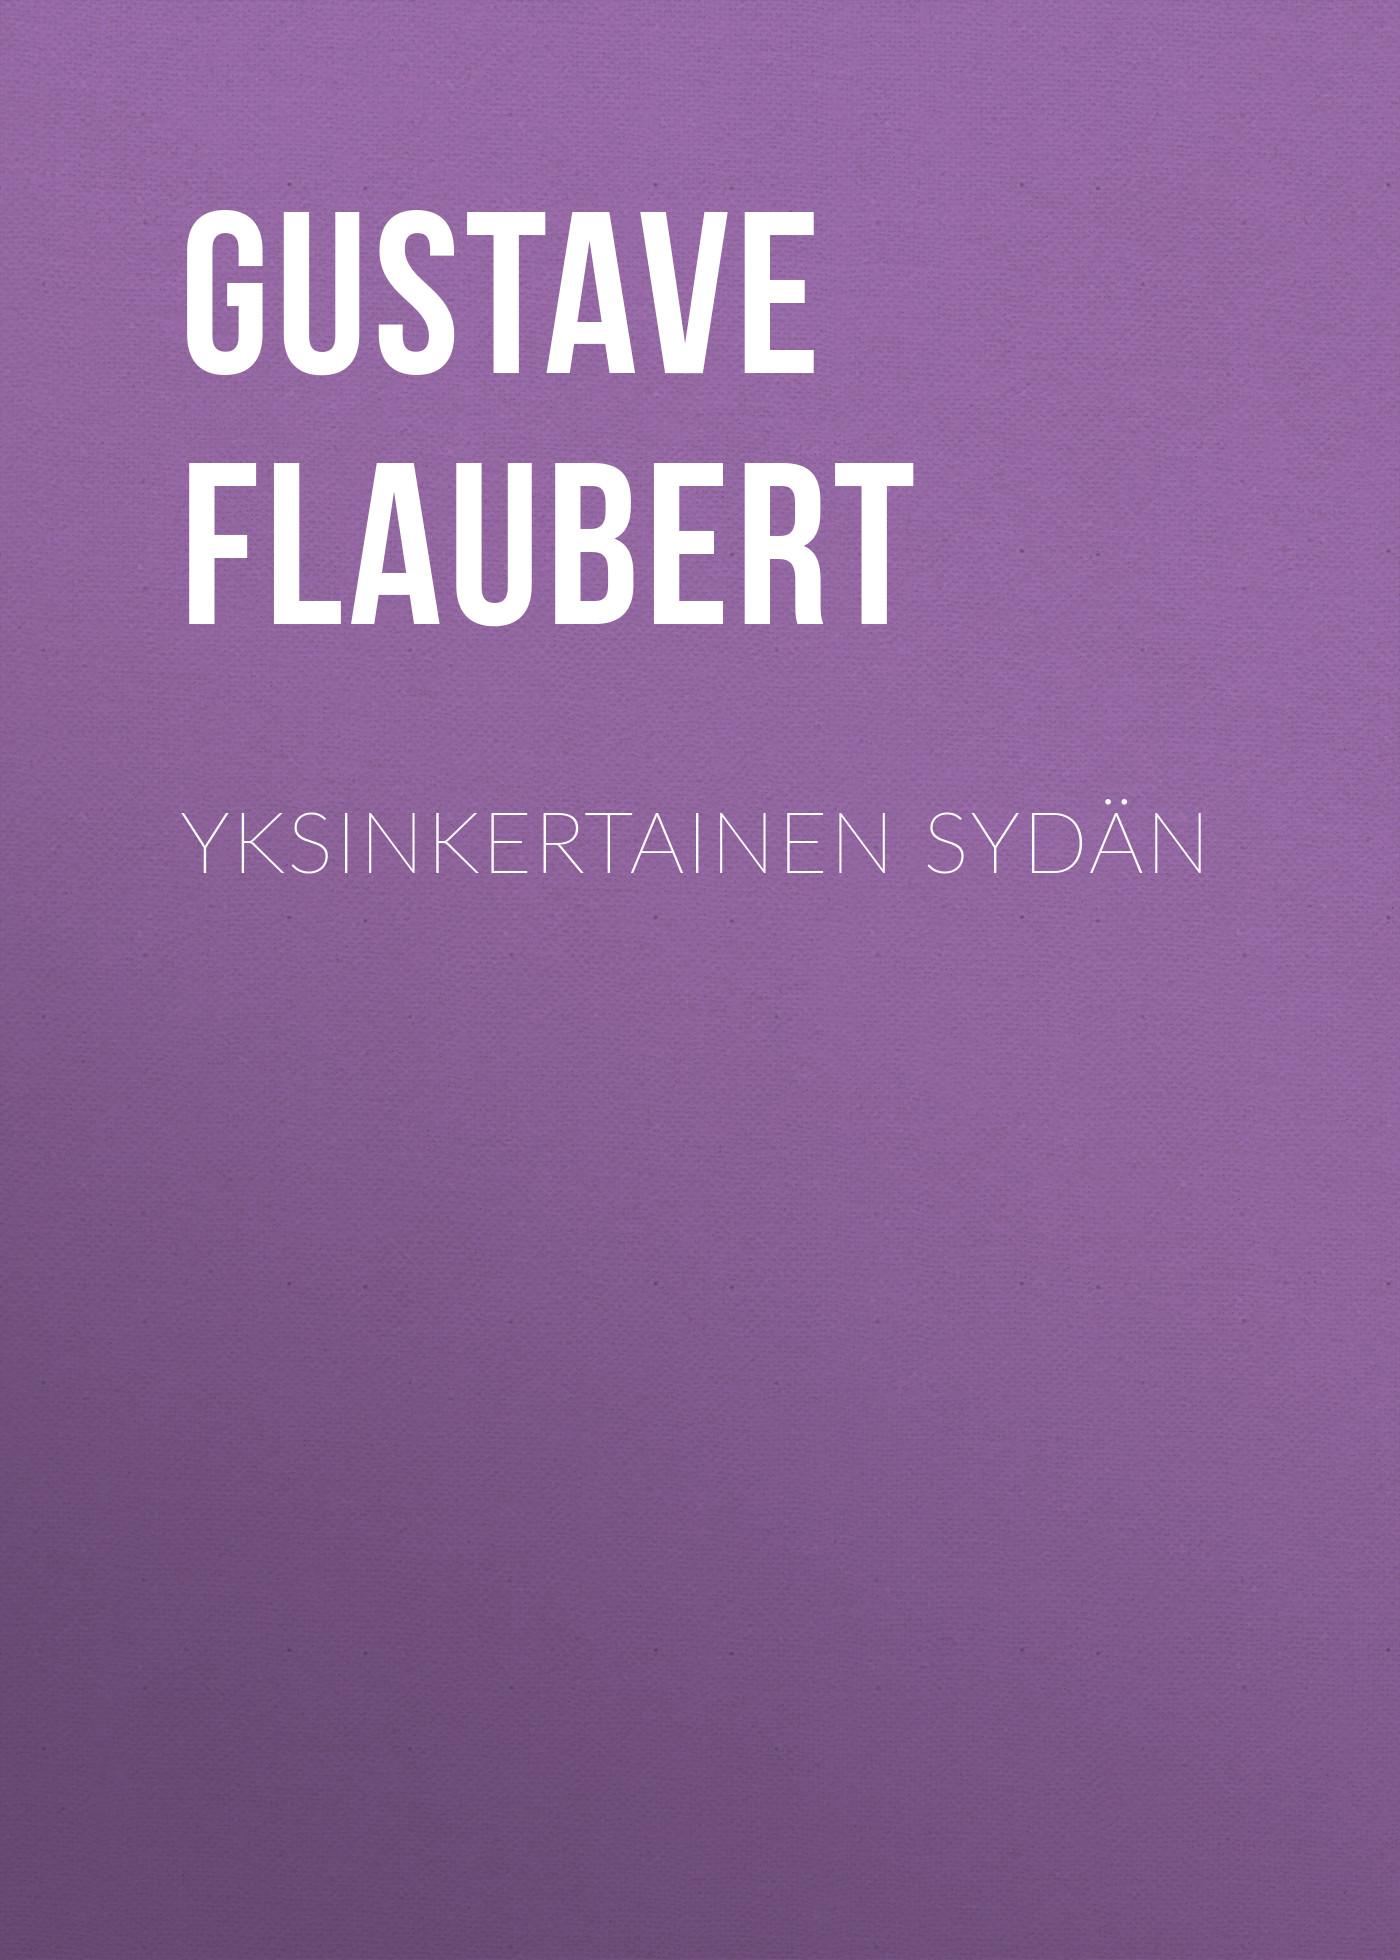 Gustave Flaubert Yksinkertainen sydän